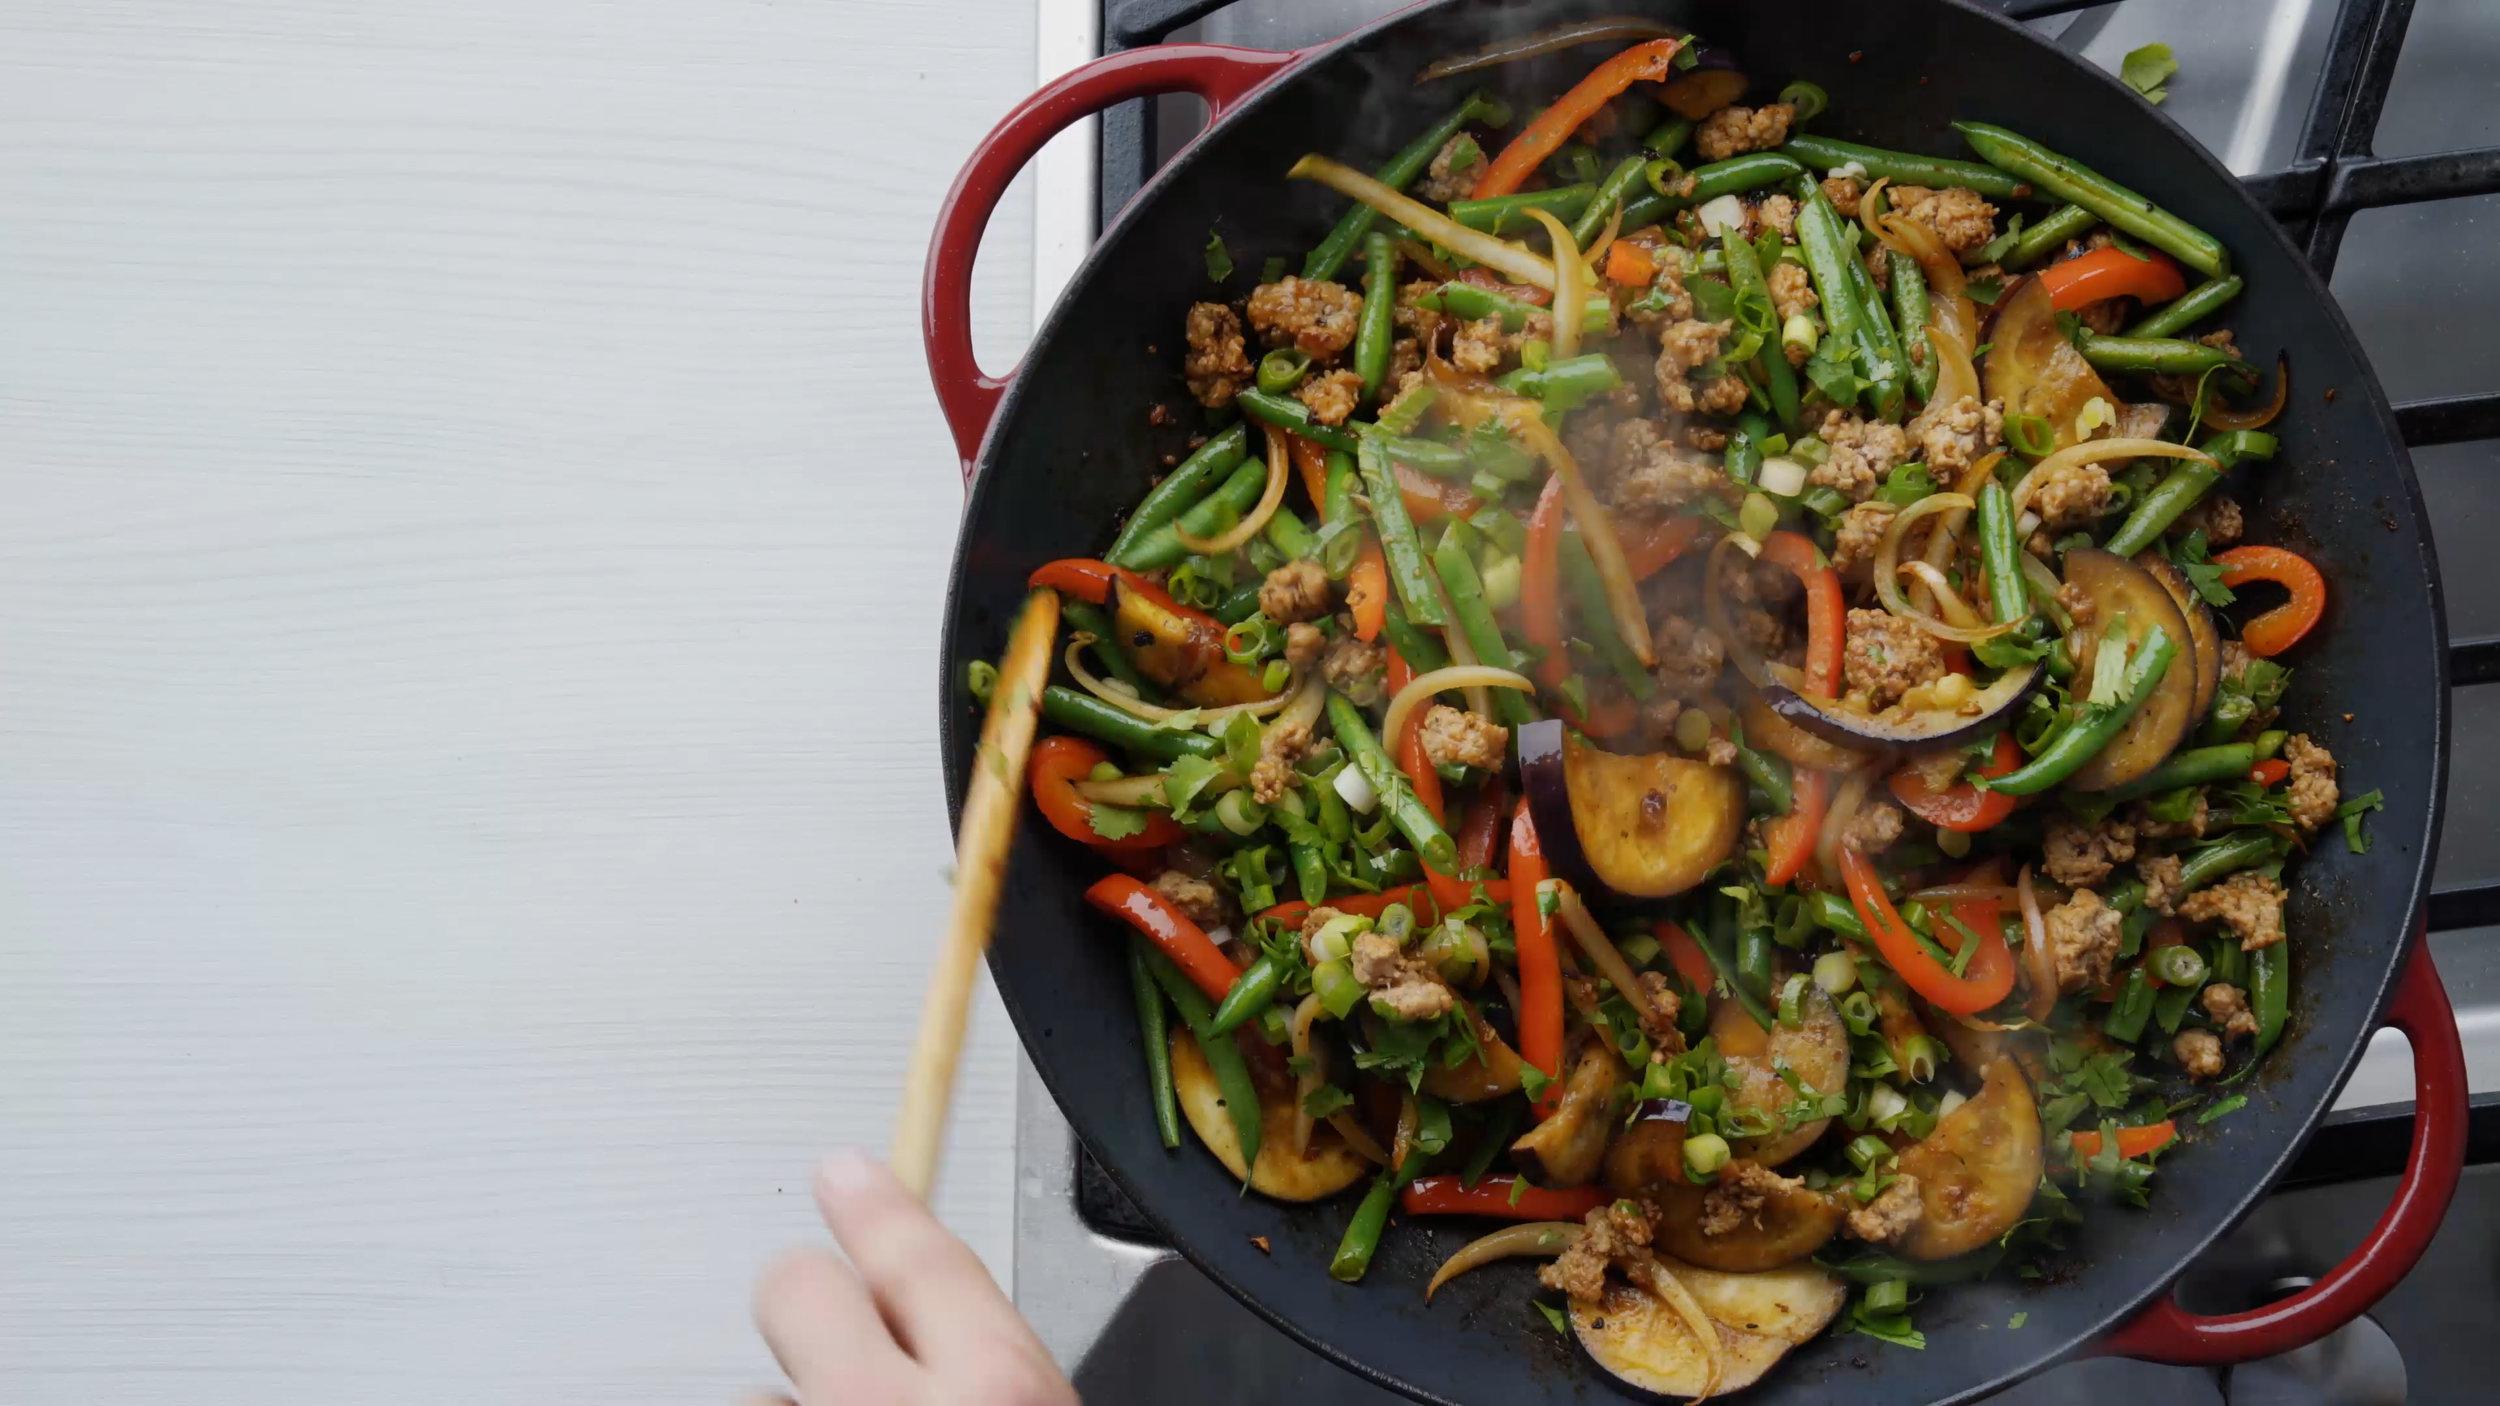 Food Still 4.jpg